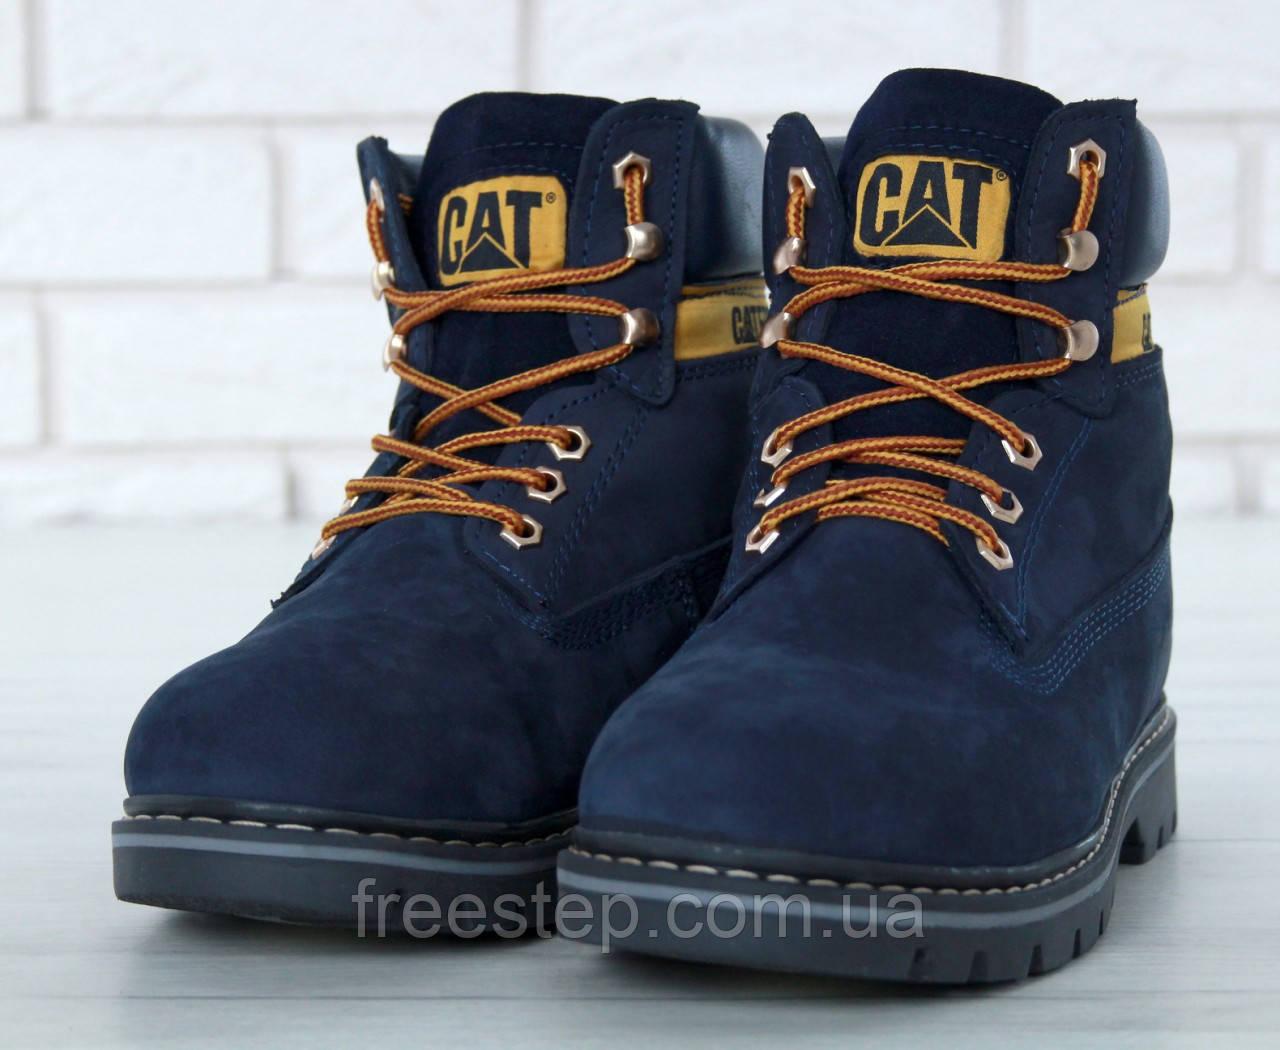 40af0ed08 Зимние ботинки в стиле Caterpillar (CAT), натур. нубук, мех, размеры ...